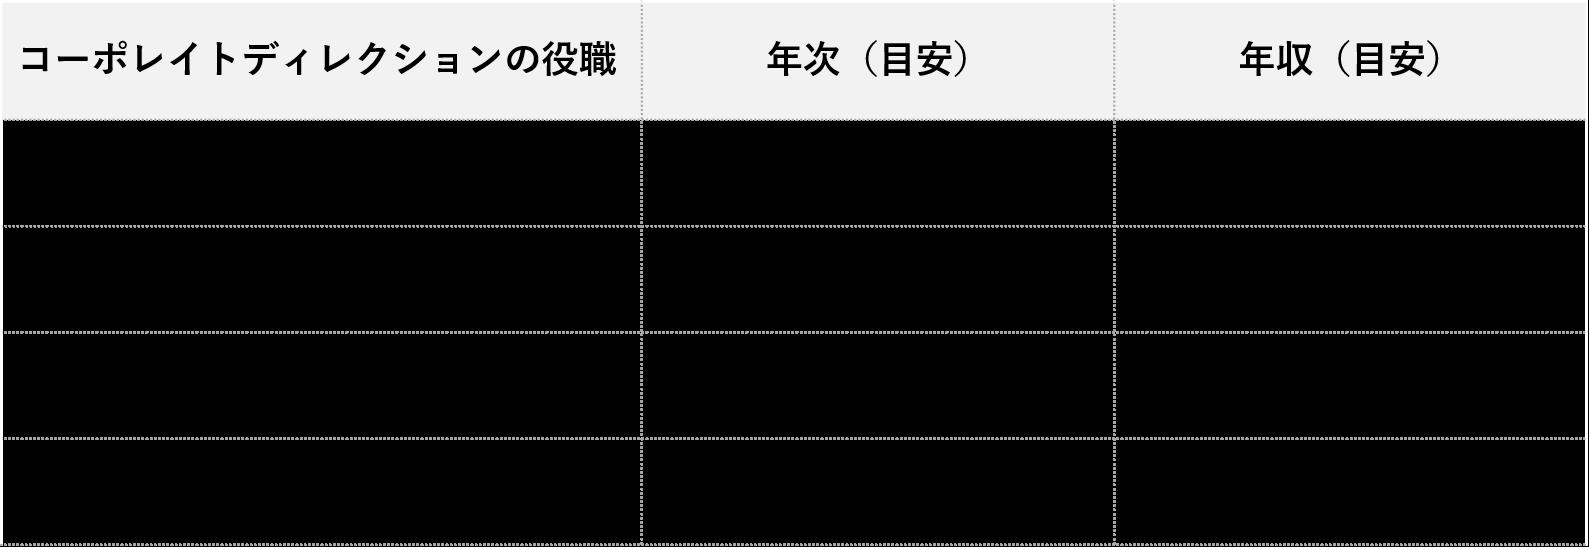 コーポレイトディレクション_役職別年収